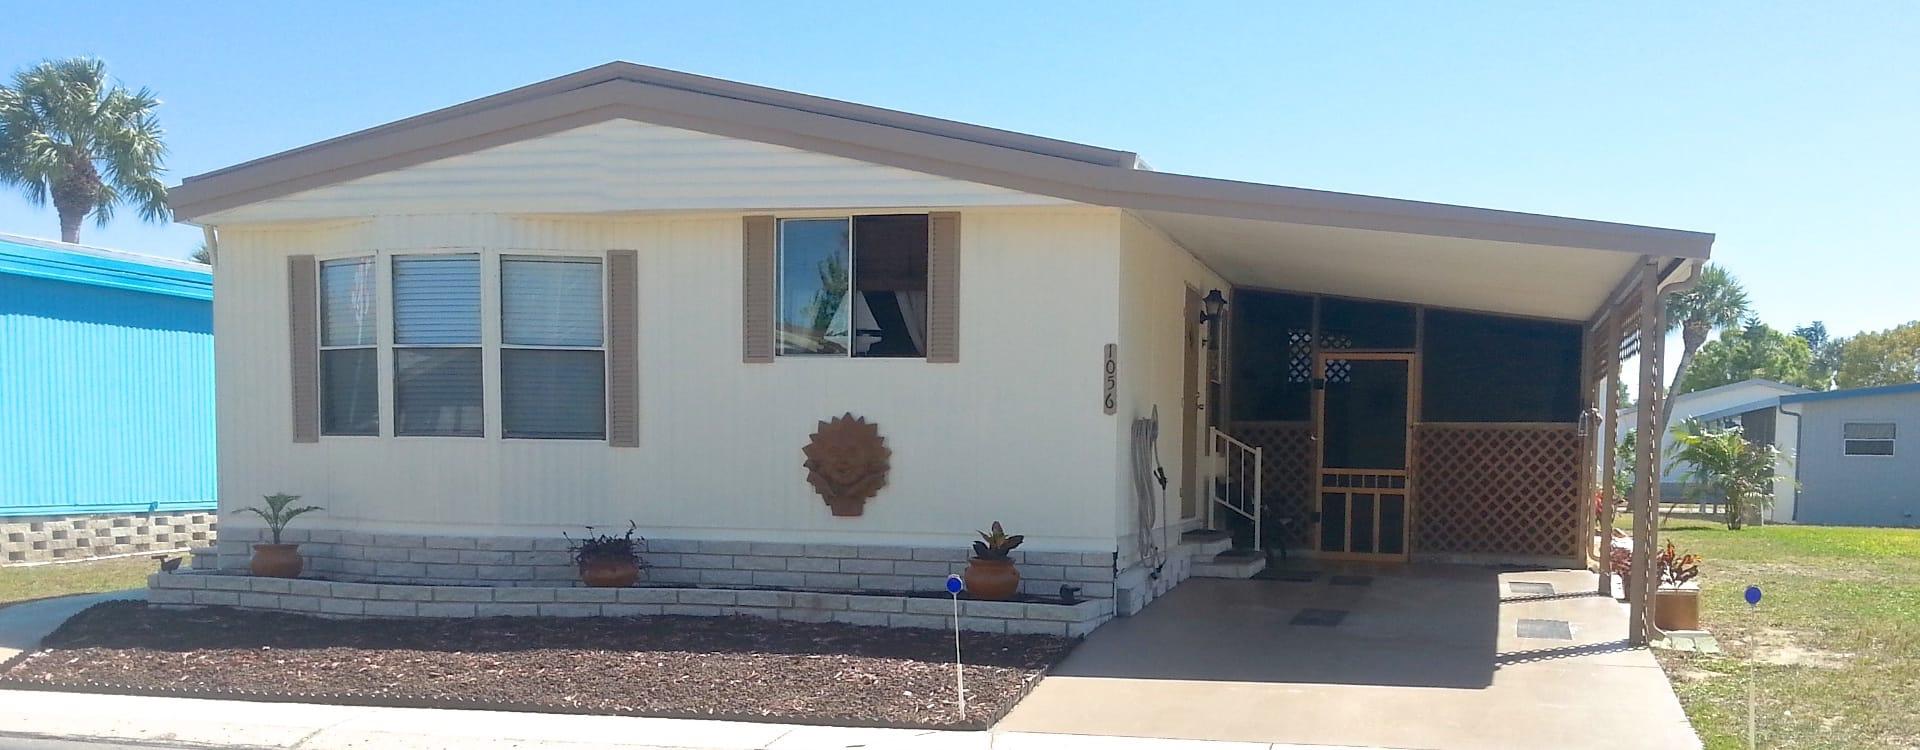 Mobile Home For Sale Tarpon Springs Fl Tarpon Glen 110